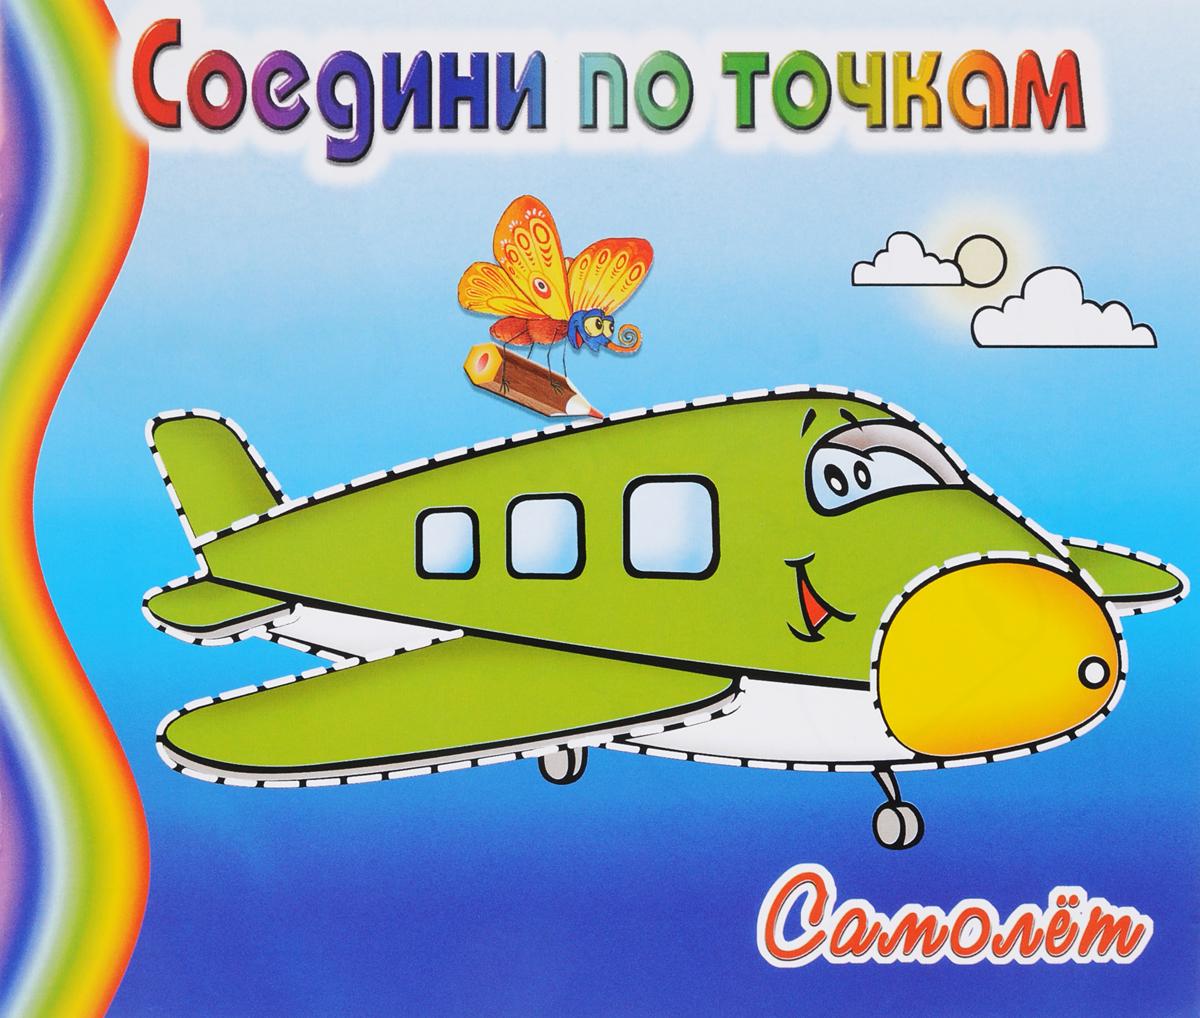 Самолет. Соедини по точкам